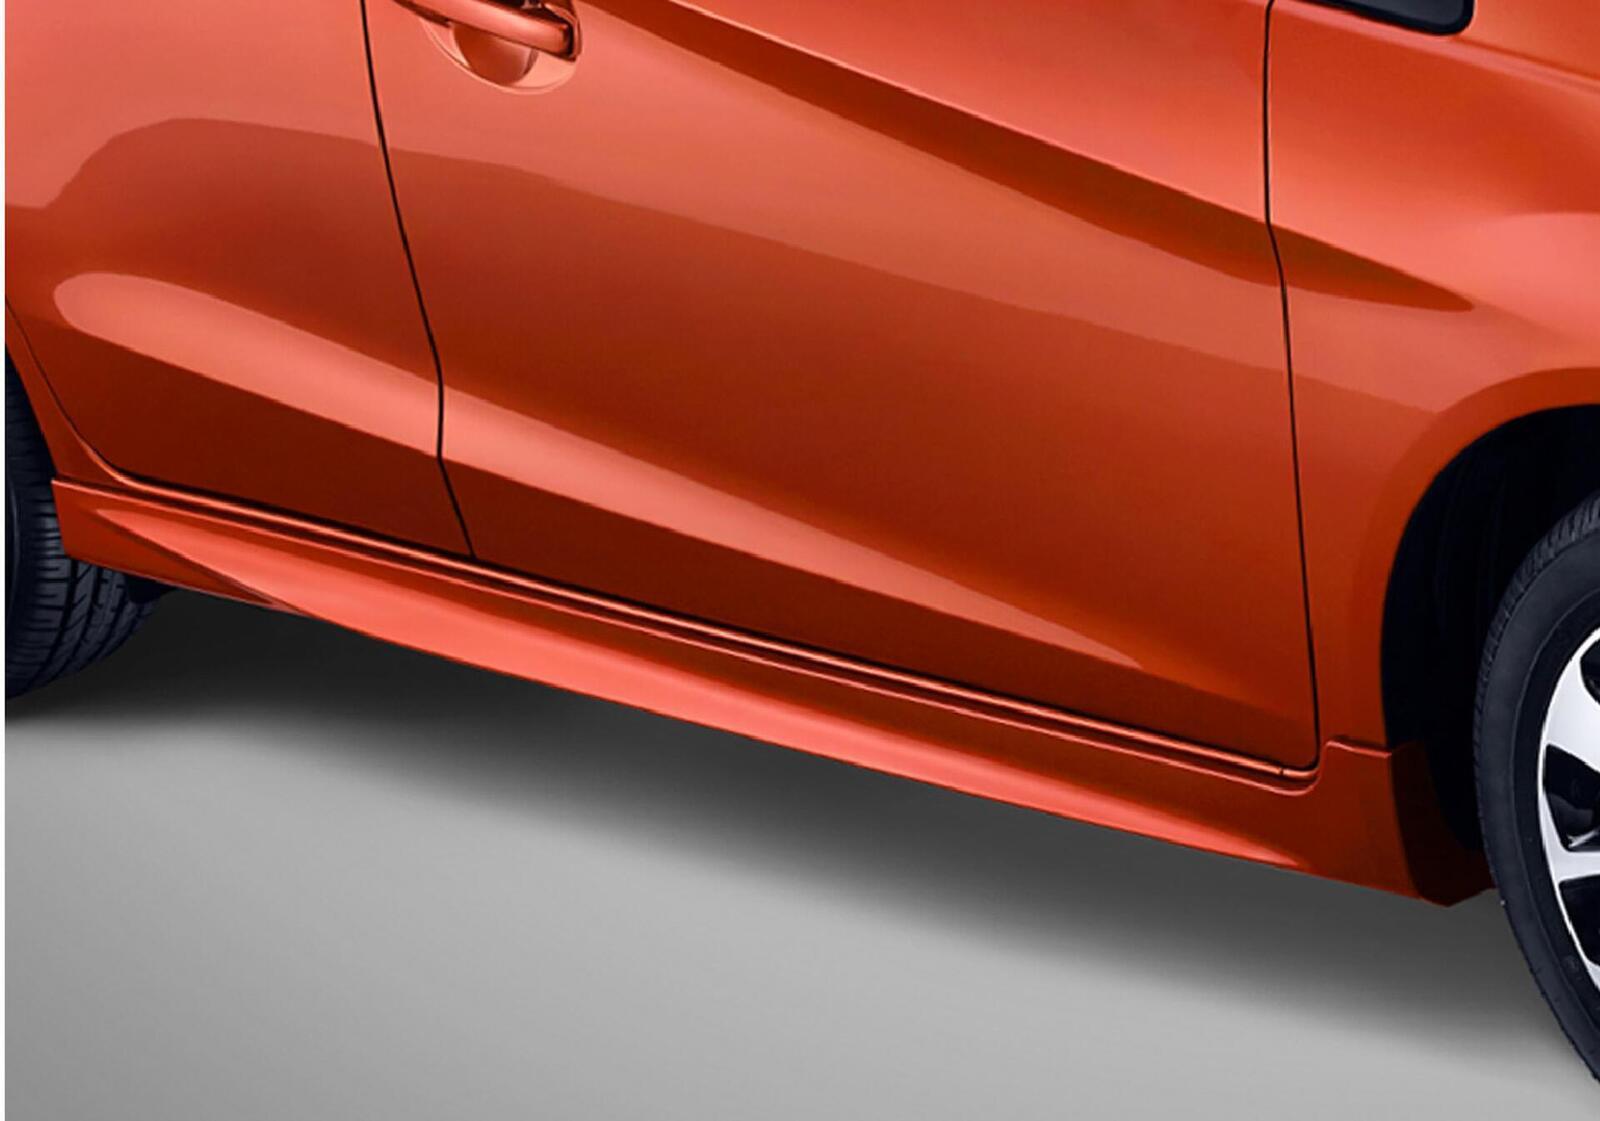 Dự đoán 3 phiên bản Honda Brio sắp ra mắt vào ngày 18.06 sắp tới - Hình 19